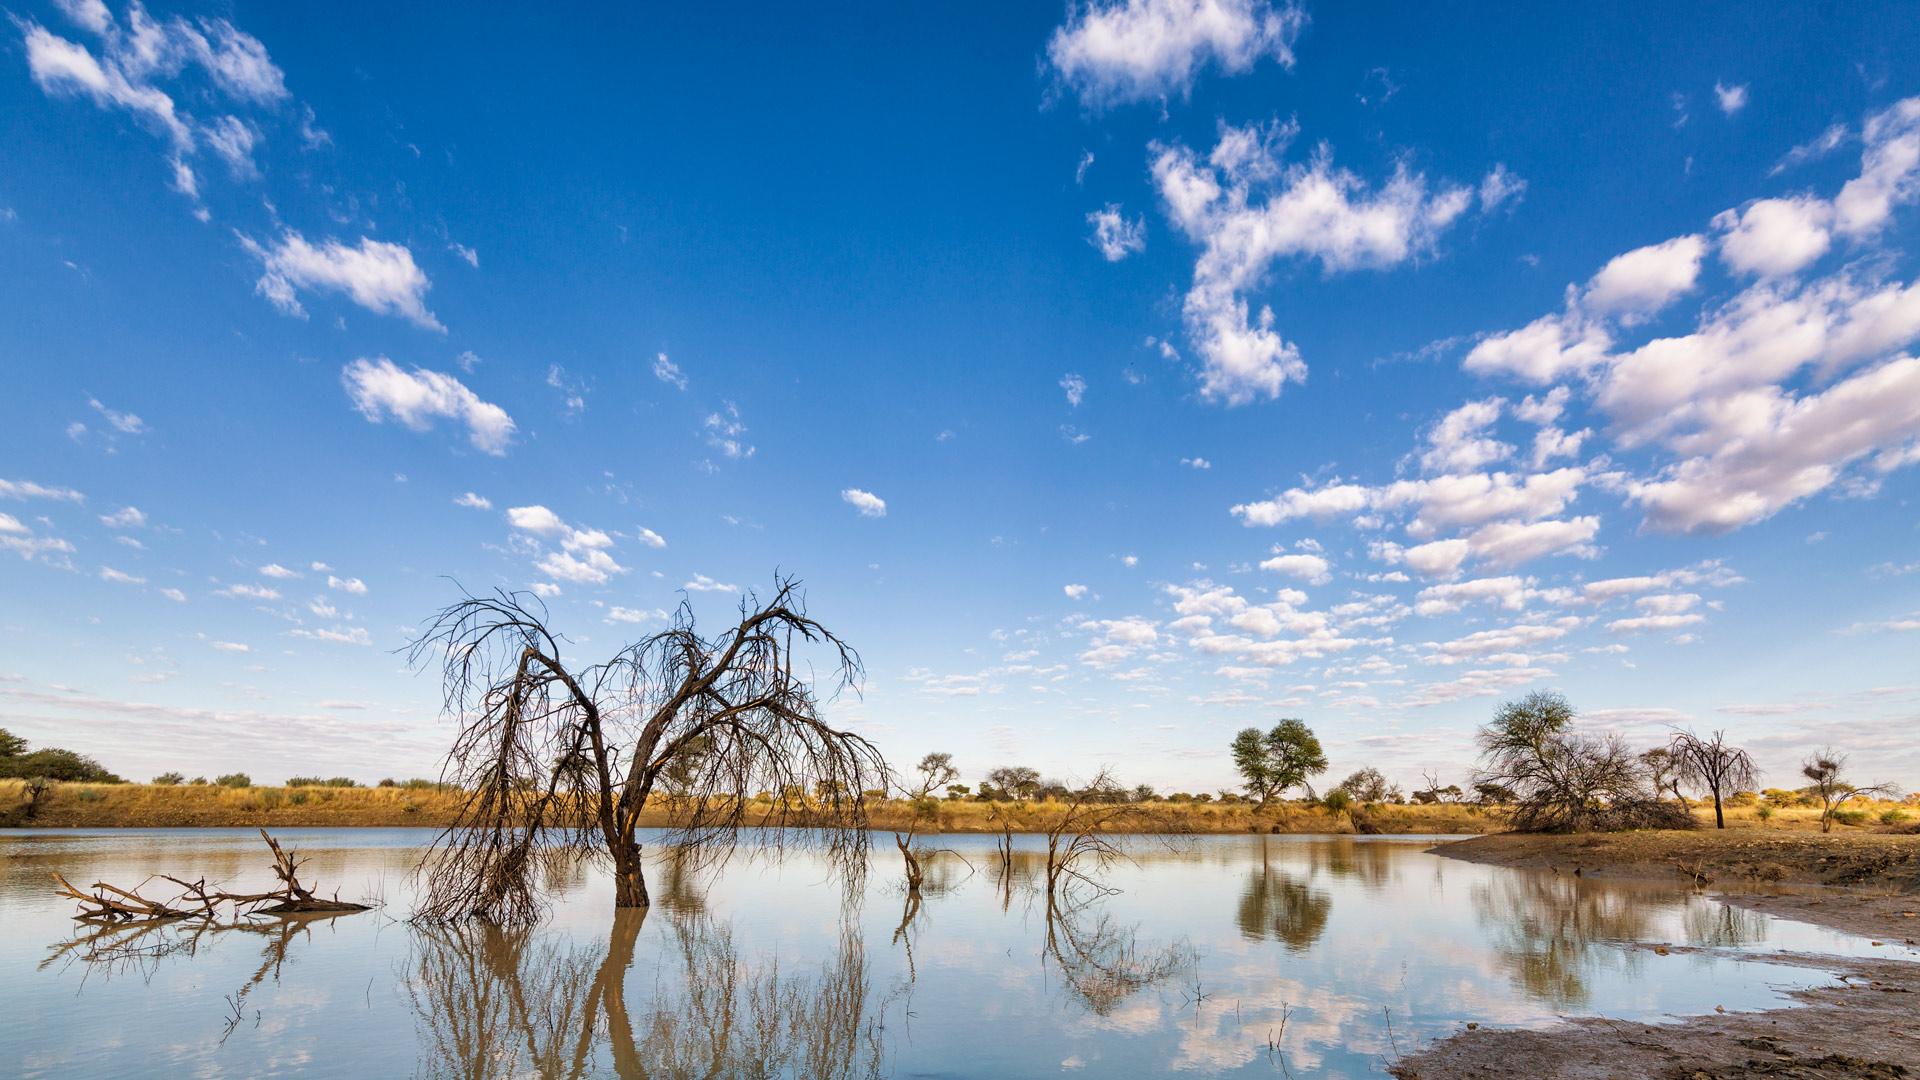 Otjiwa. Namibia